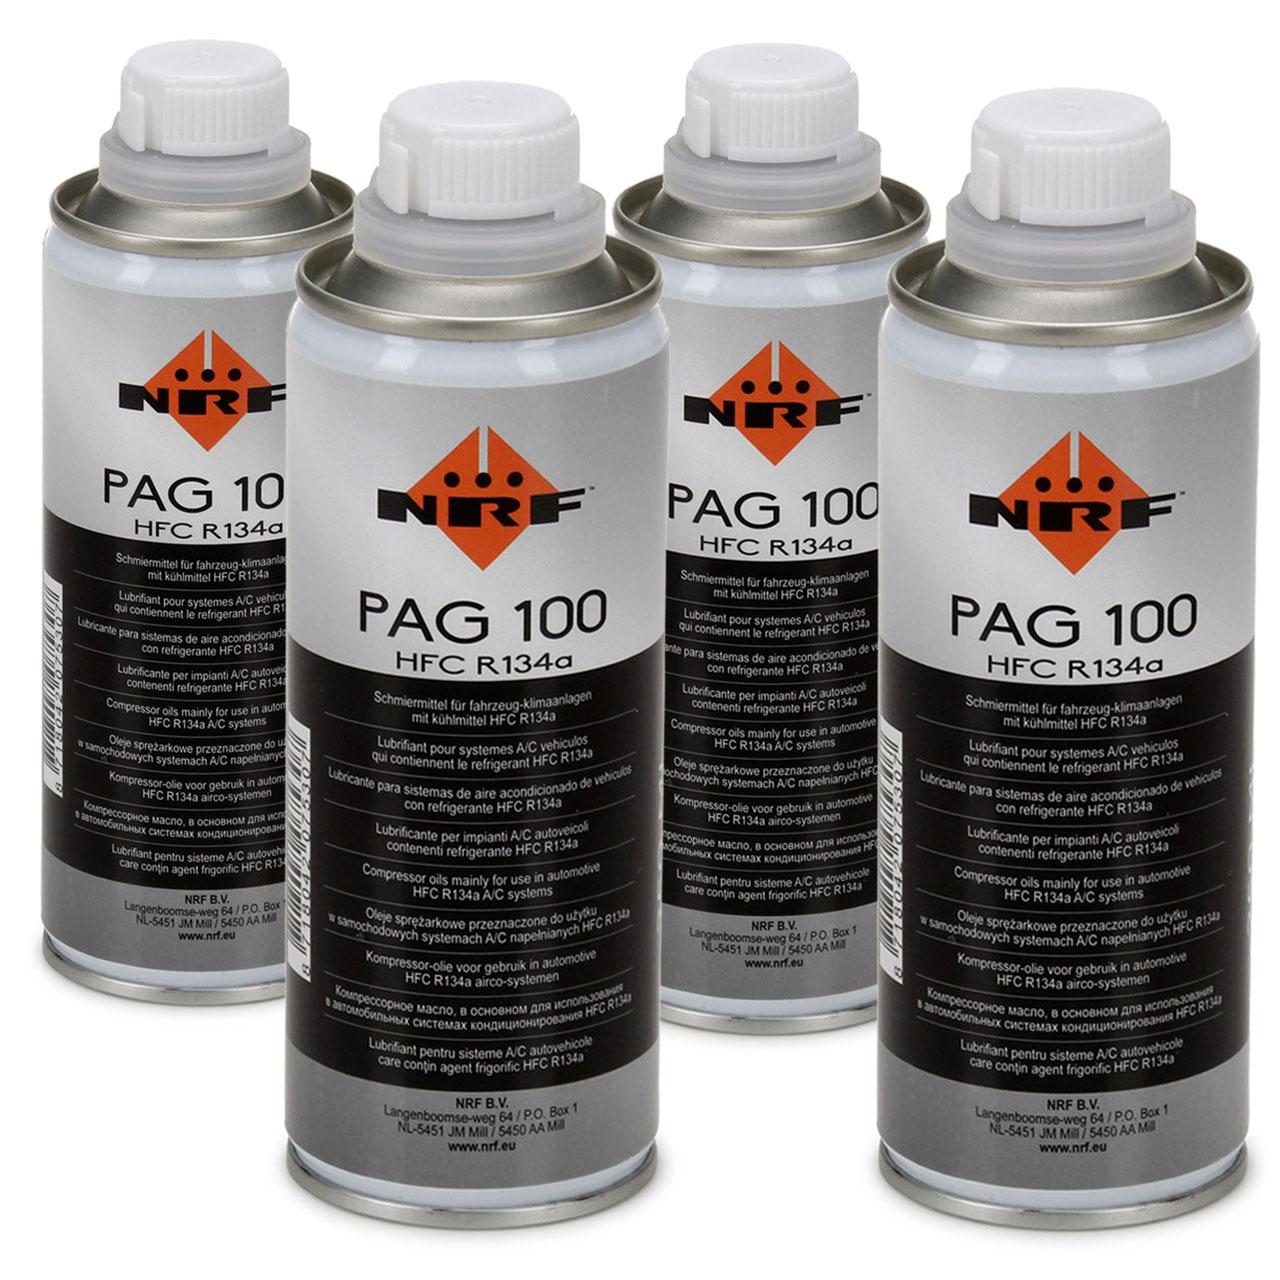 NRF 38816 Kompressor Öl Kompressoröl Klimaanlagenöl PAG 100 HFC R134a 1000ml